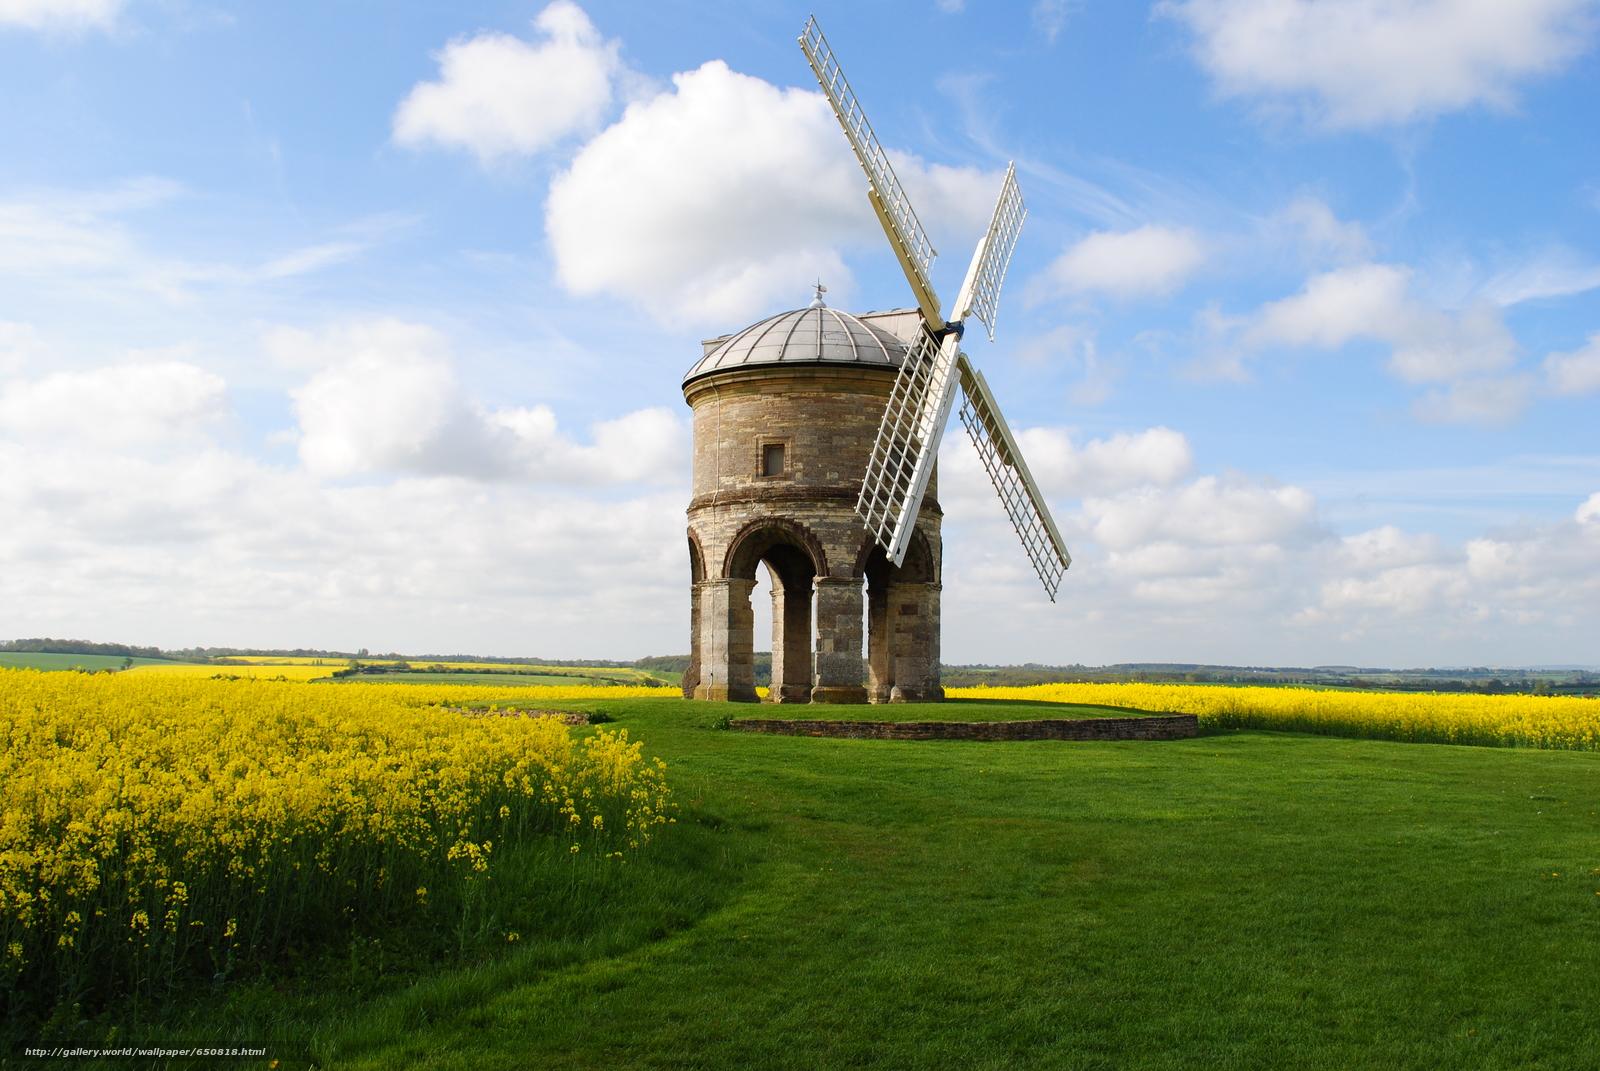 Скачать обои Честертон ветряная мельница,  Уорикшир,  Великобритания,  Chesterton Windmill бесплатно для рабочего стола в разрешении 3872x2592 — картинка №650818